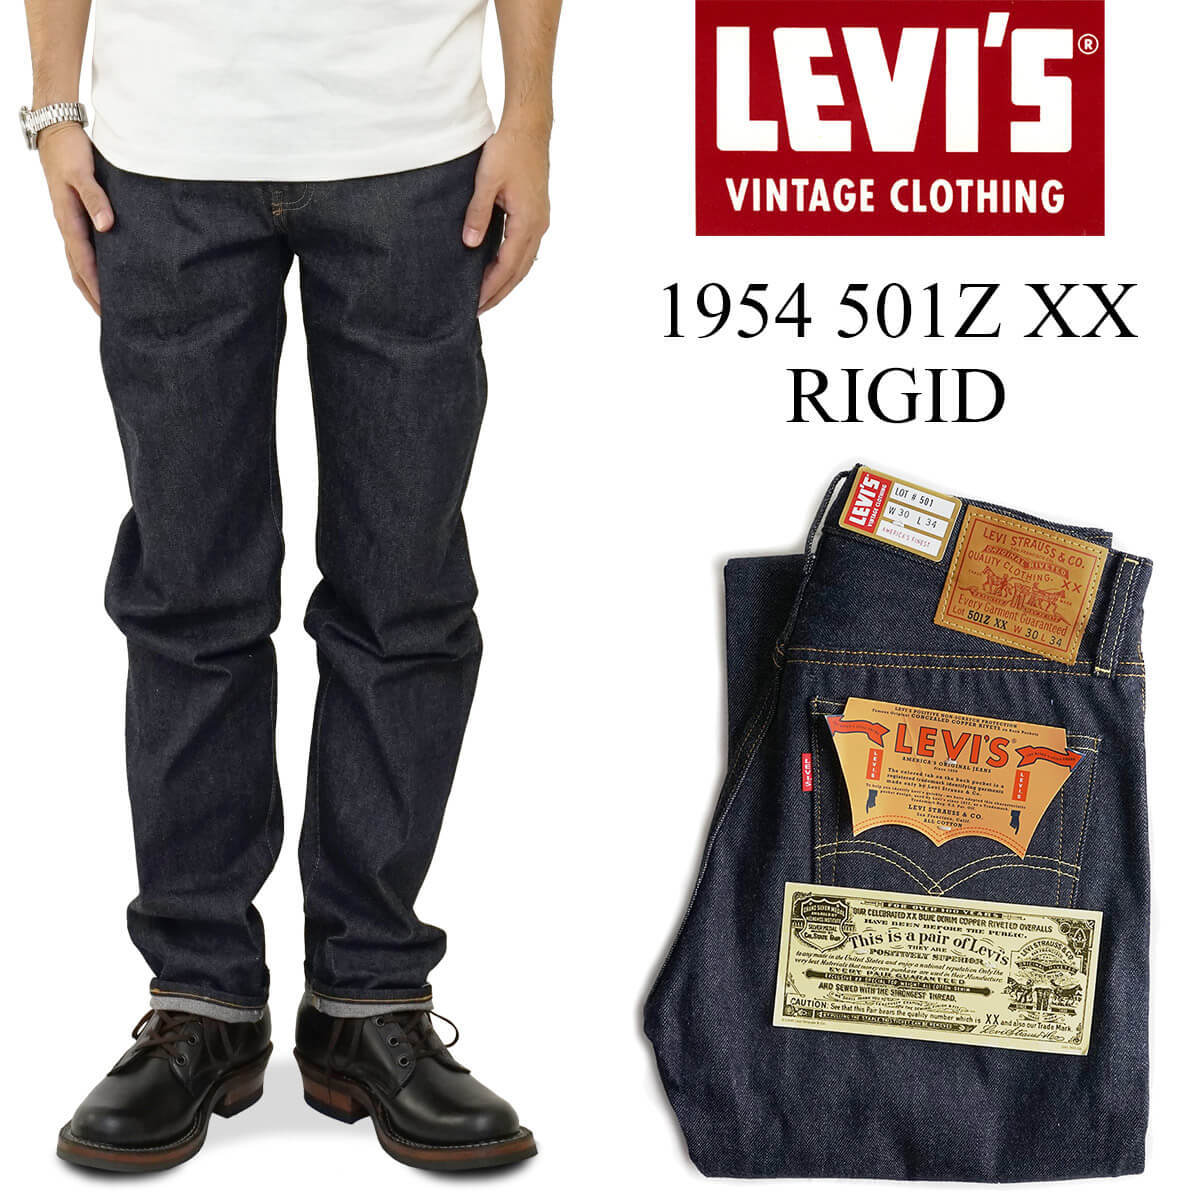 メンズファッション, ズボン・パンツ  LEVIS VINTAGE CLOTHING 1954s 501ZXX LVC 50154-0090 RIGID 50 42 E